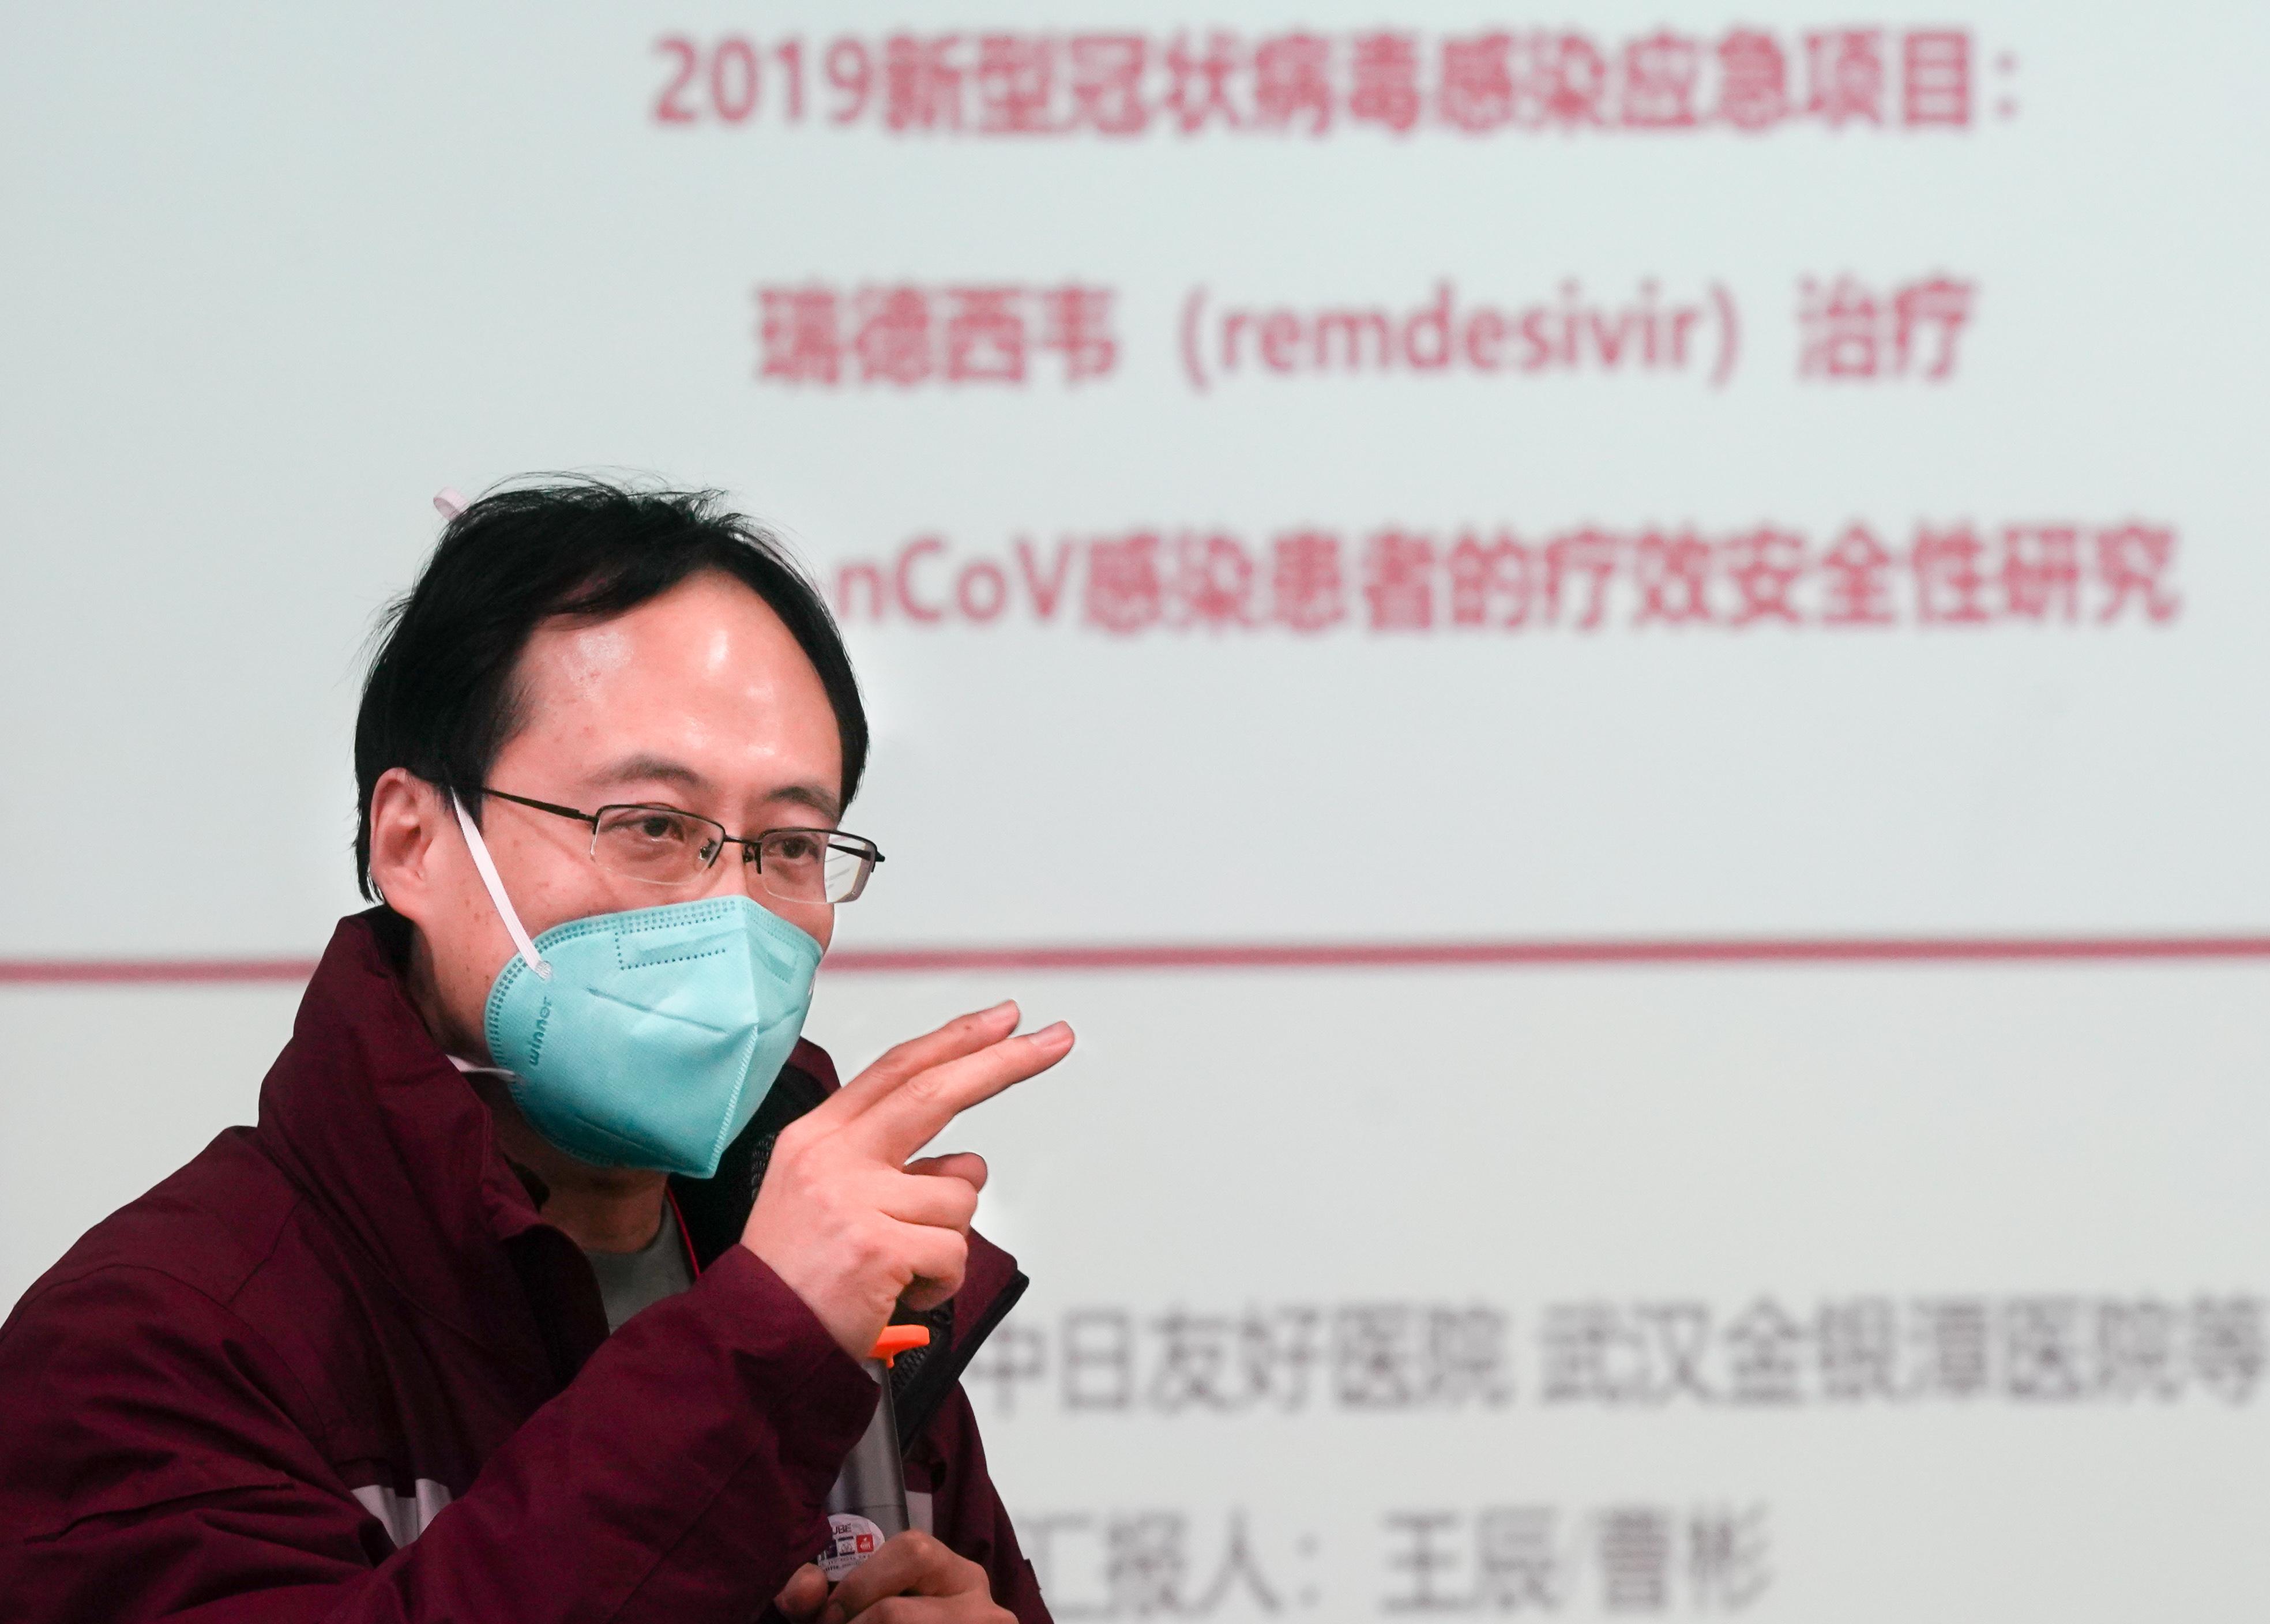 新型肺炎の抗ウイルス薬レムデシビル、武漢で臨床試験開始へ